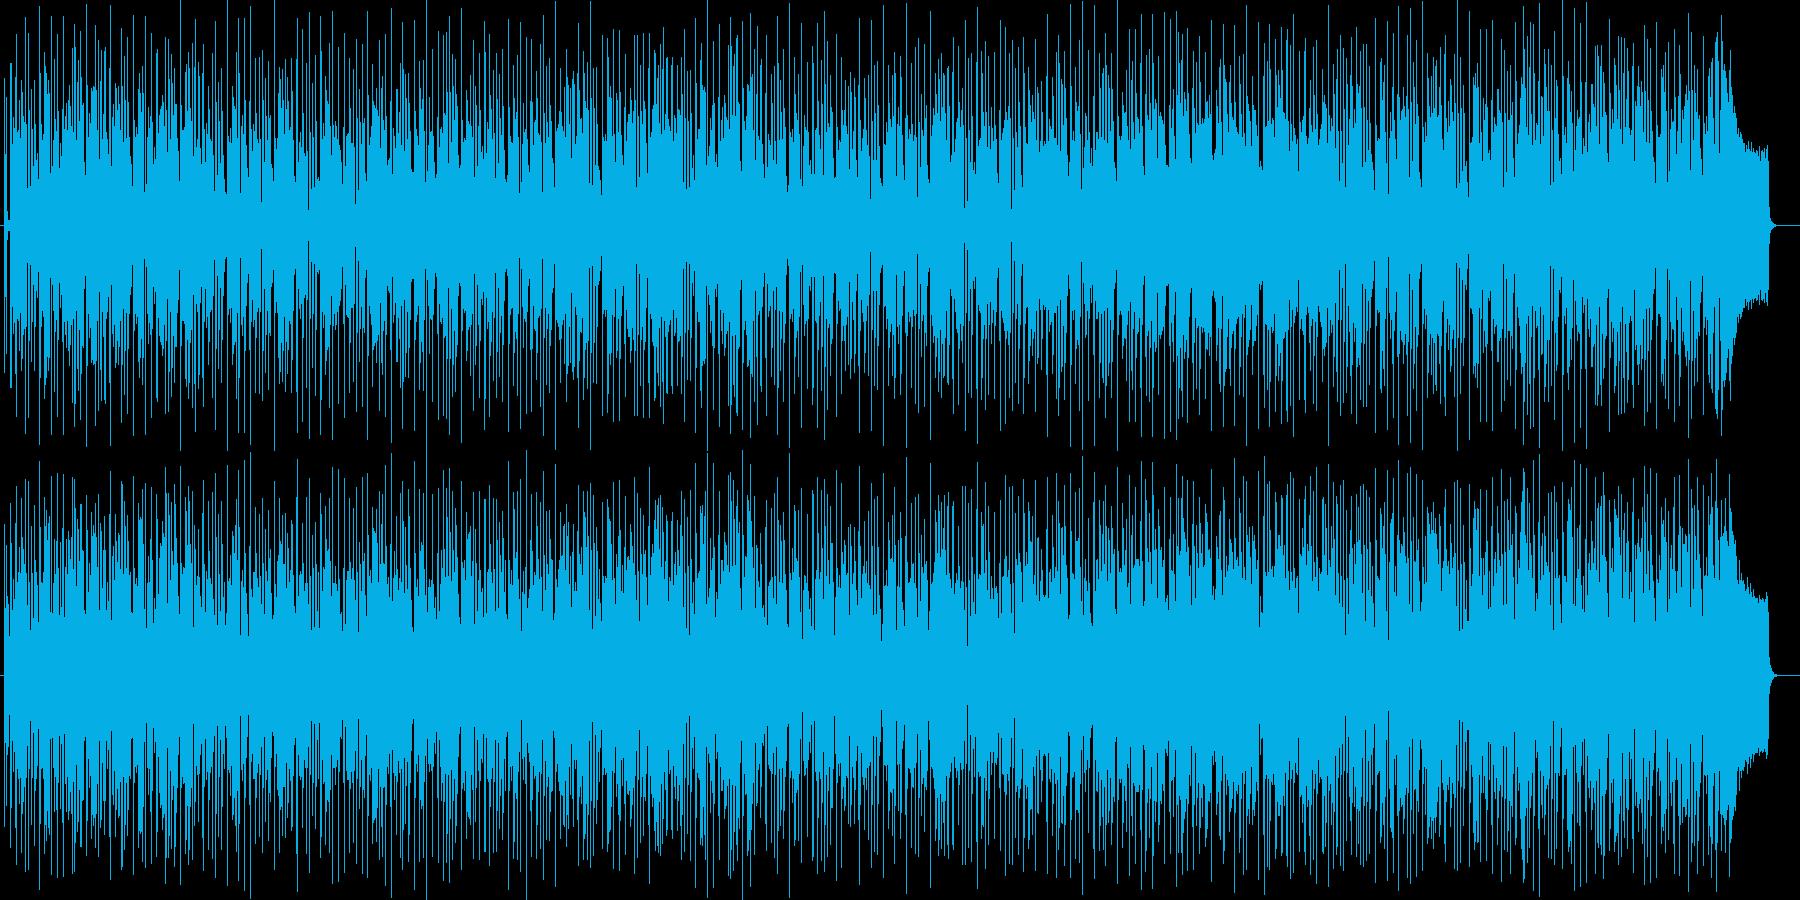 楽しい休日シンセサイザー曲の再生済みの波形